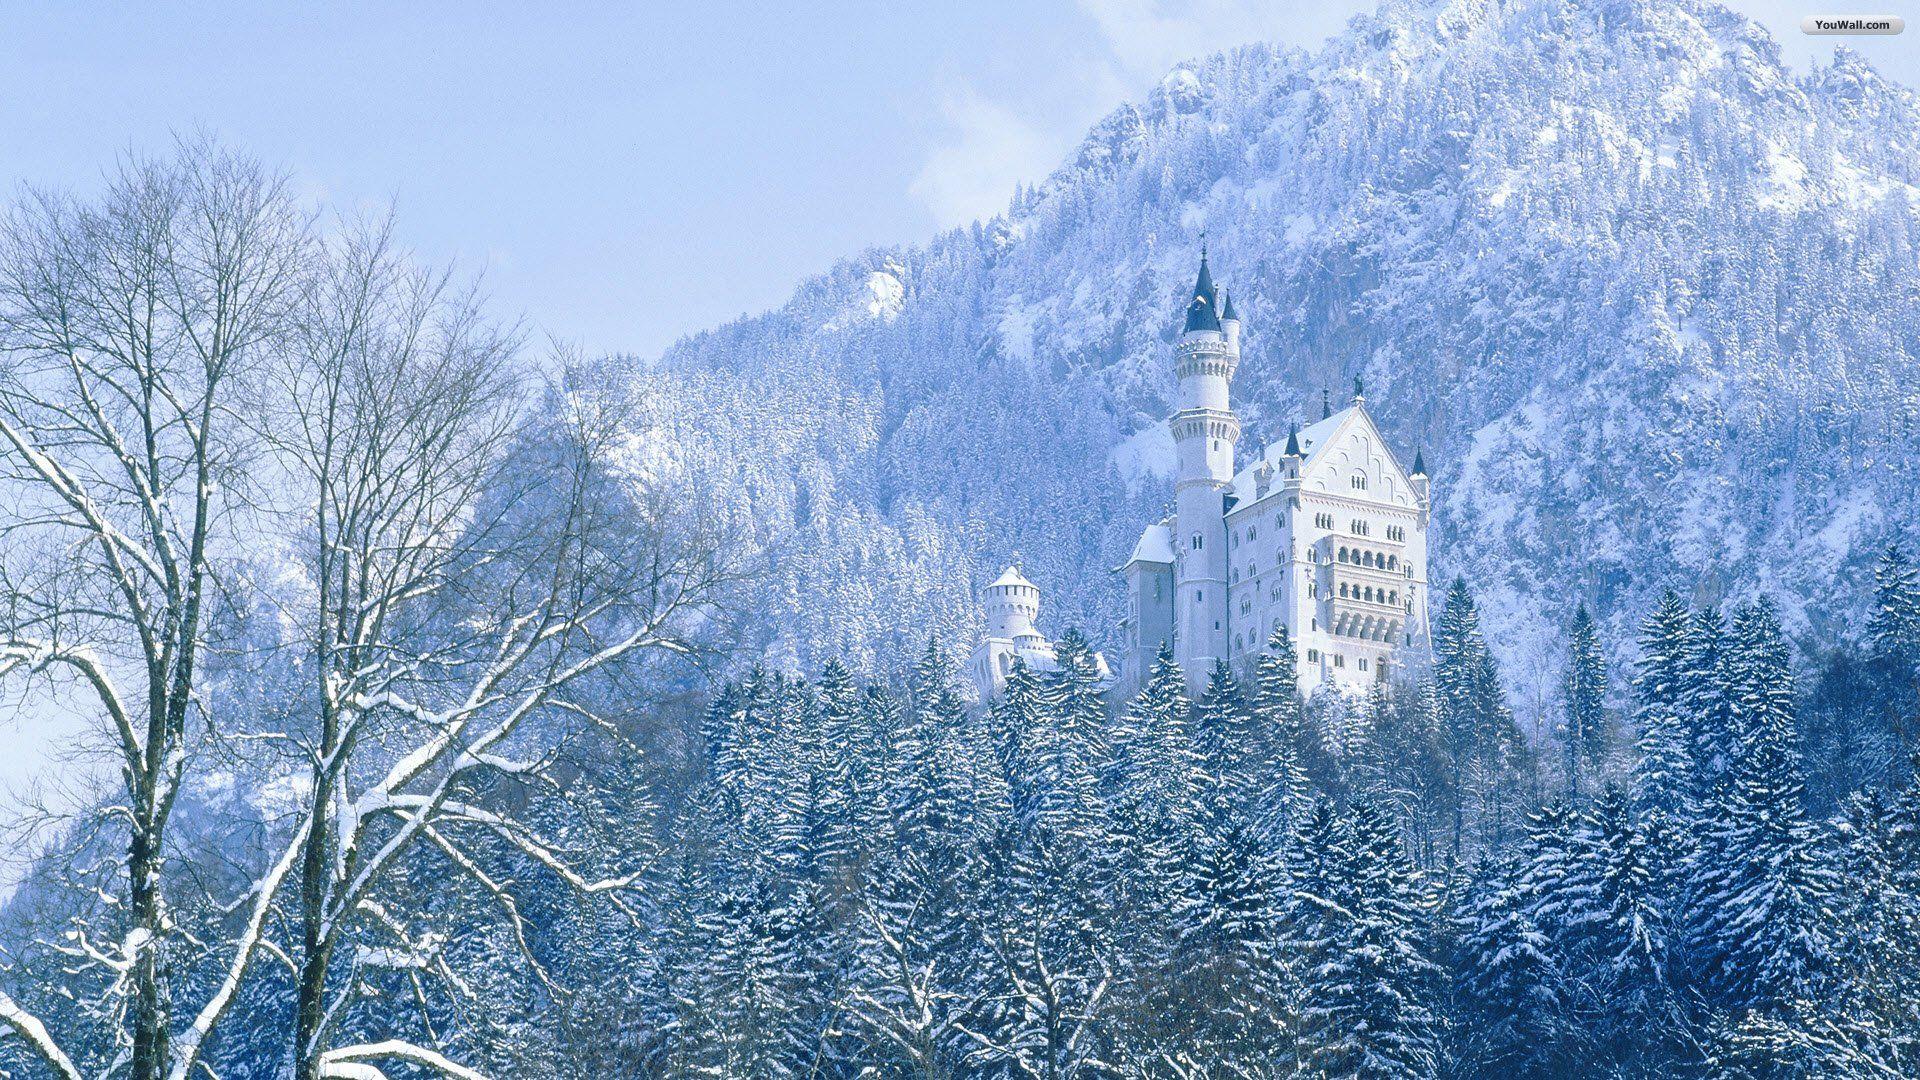 winter-castle-wallpaper.jpg (1920×1080)